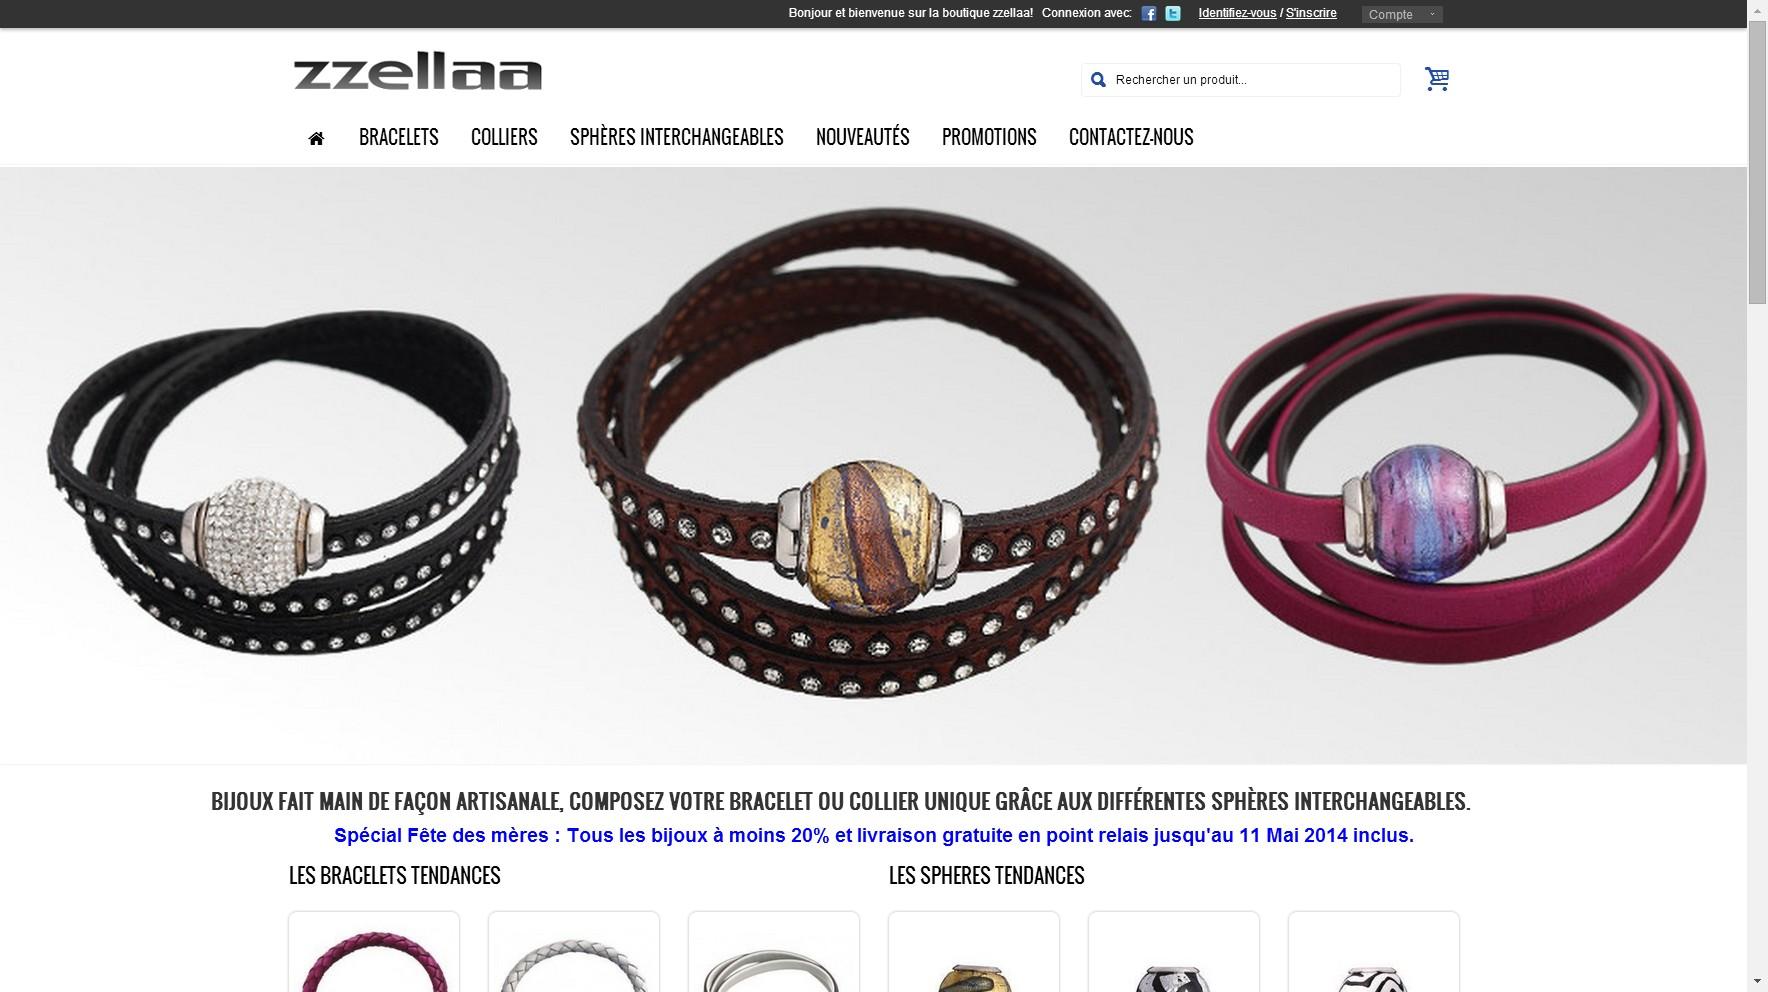 Boutique de bijoux artisanaux et personnalisables : zzellaa.com